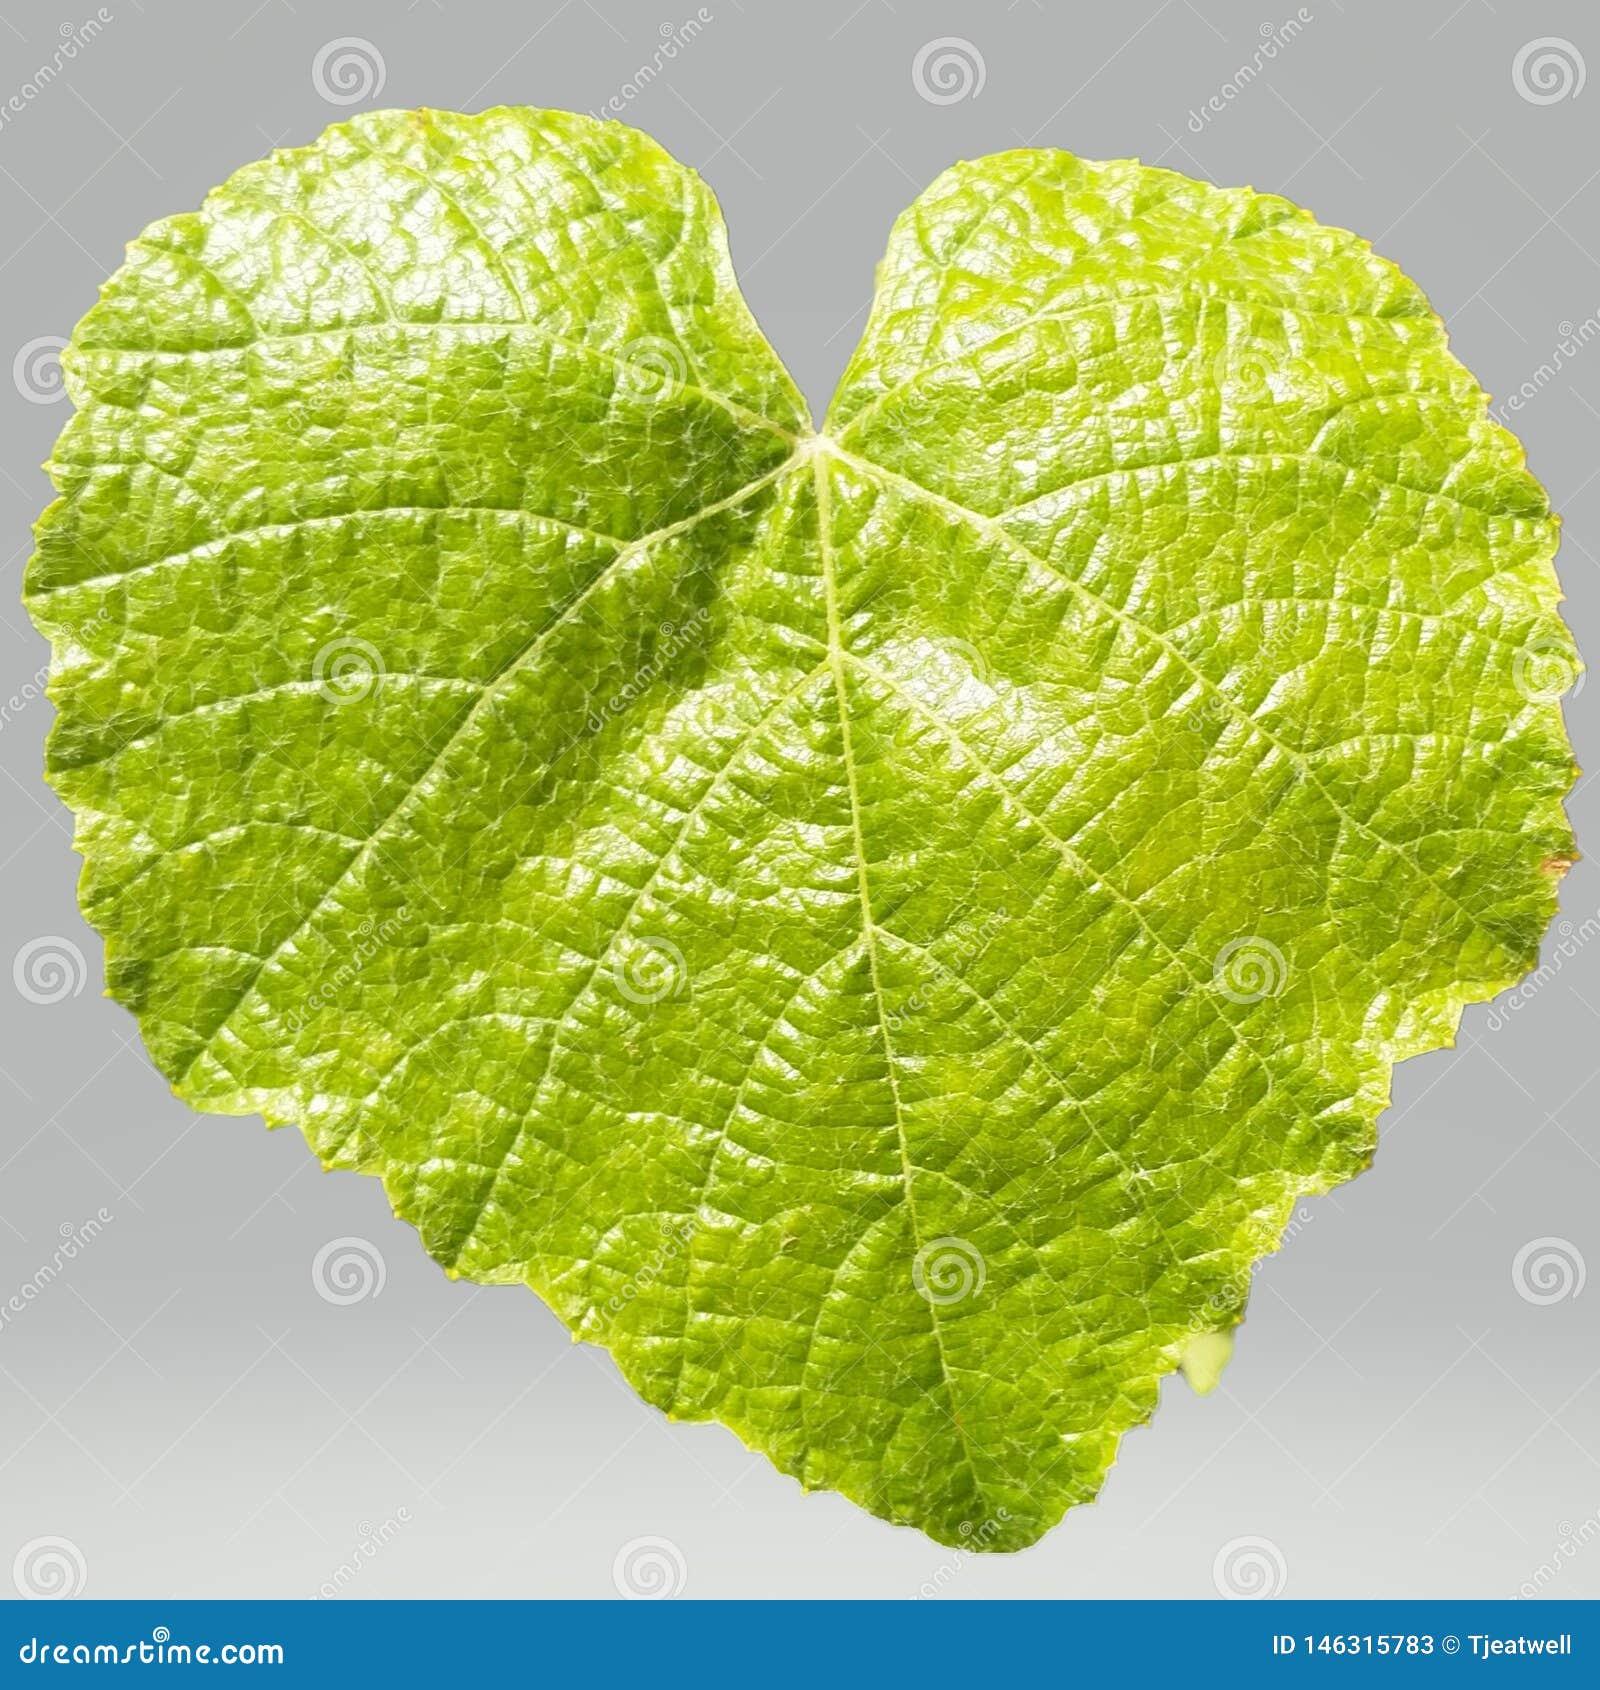 Grünes Blatt auf einem transparenten Hintergrund